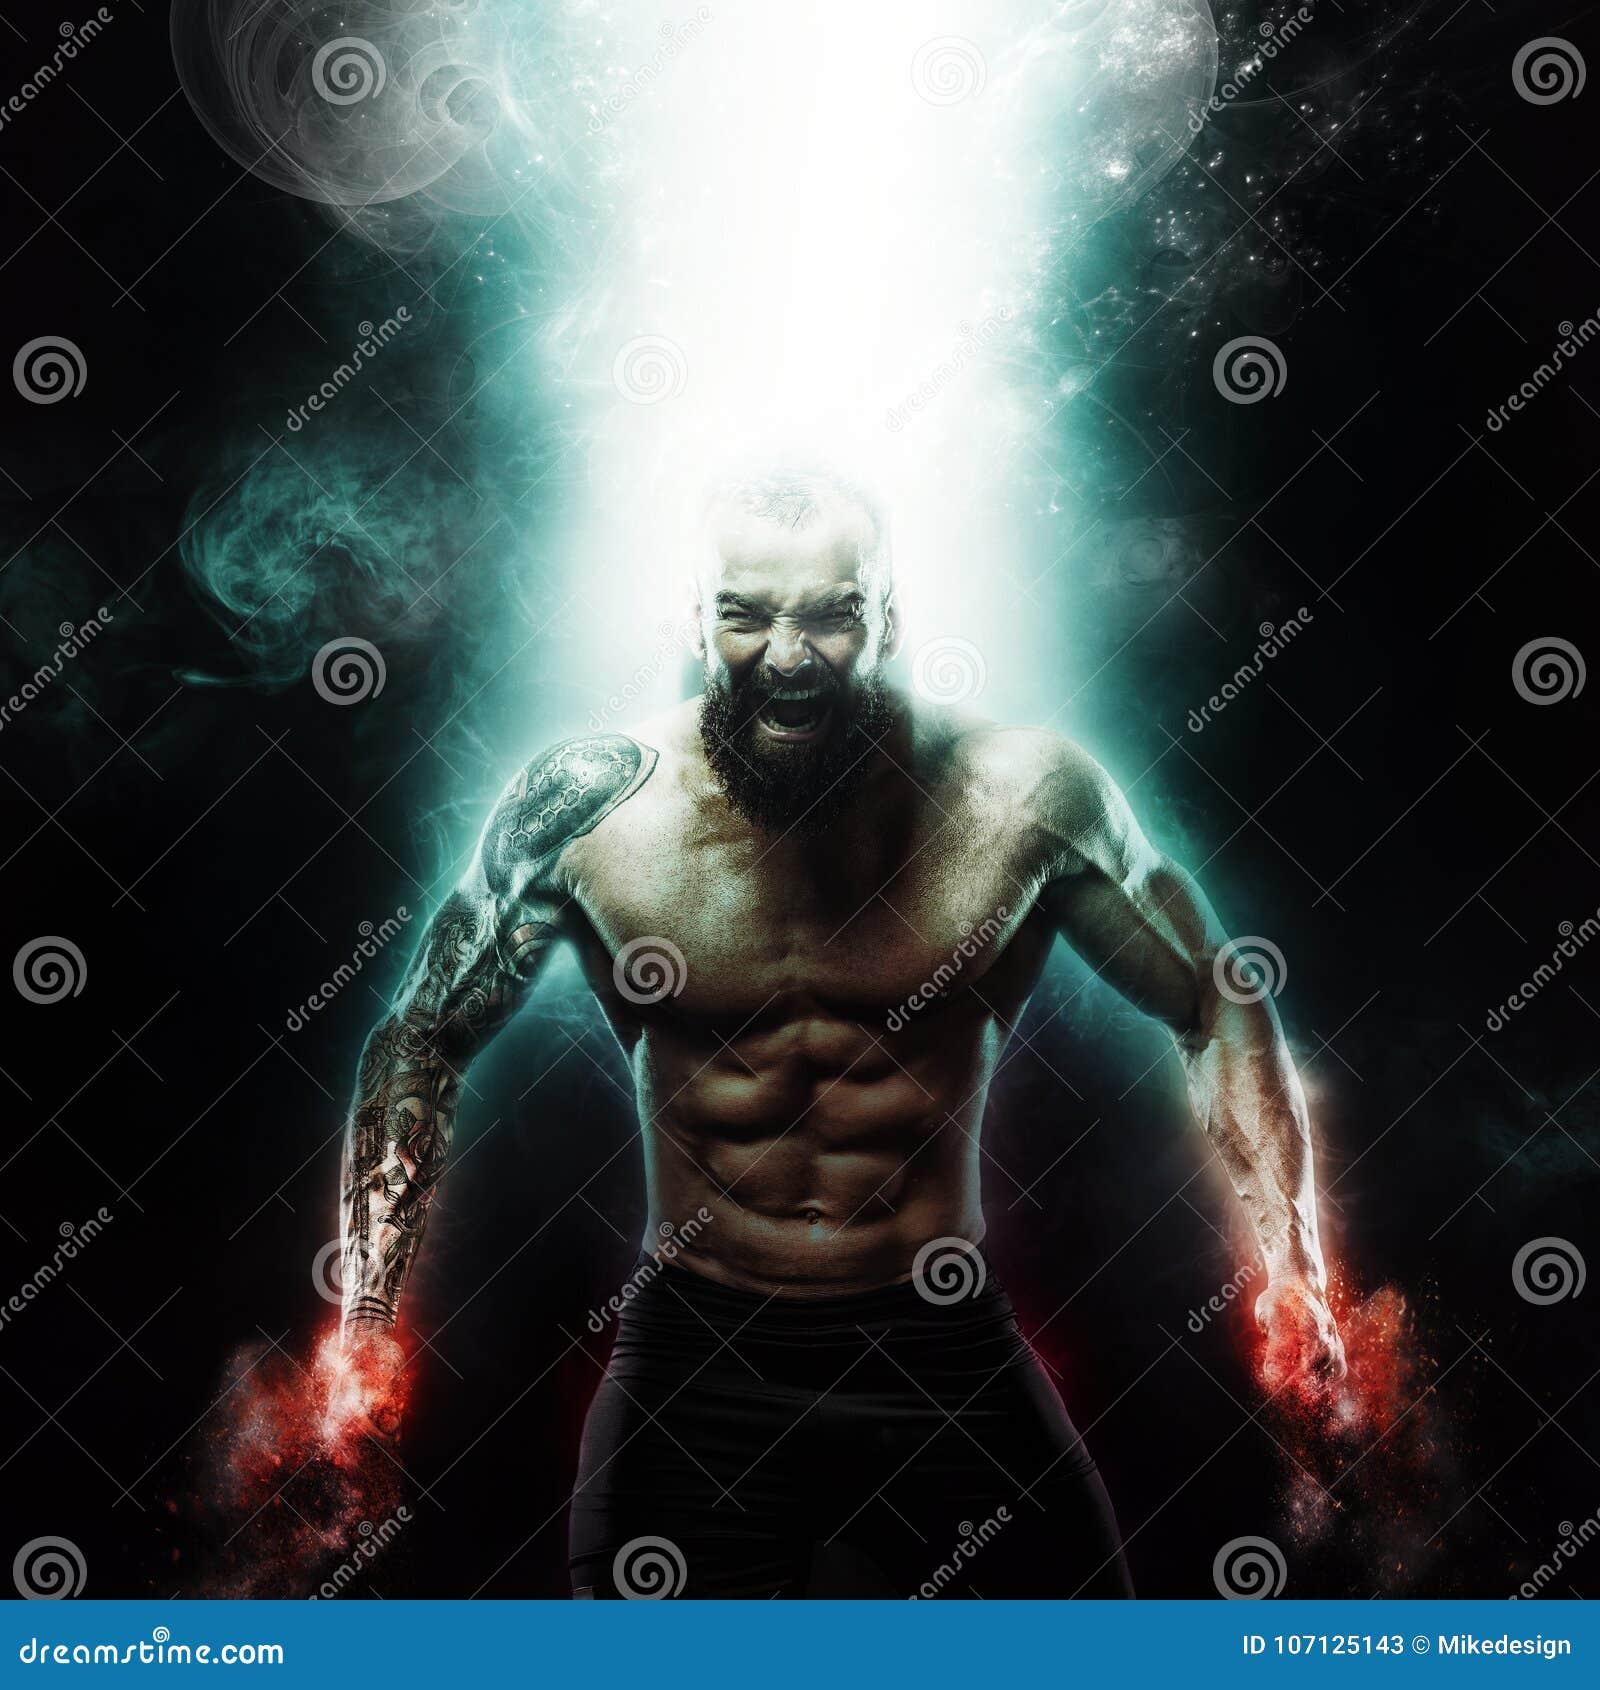 Papel pintado del deporte y de la motivación en fondo oscuro Culturista atlético del individuo del poder Fuego y energía